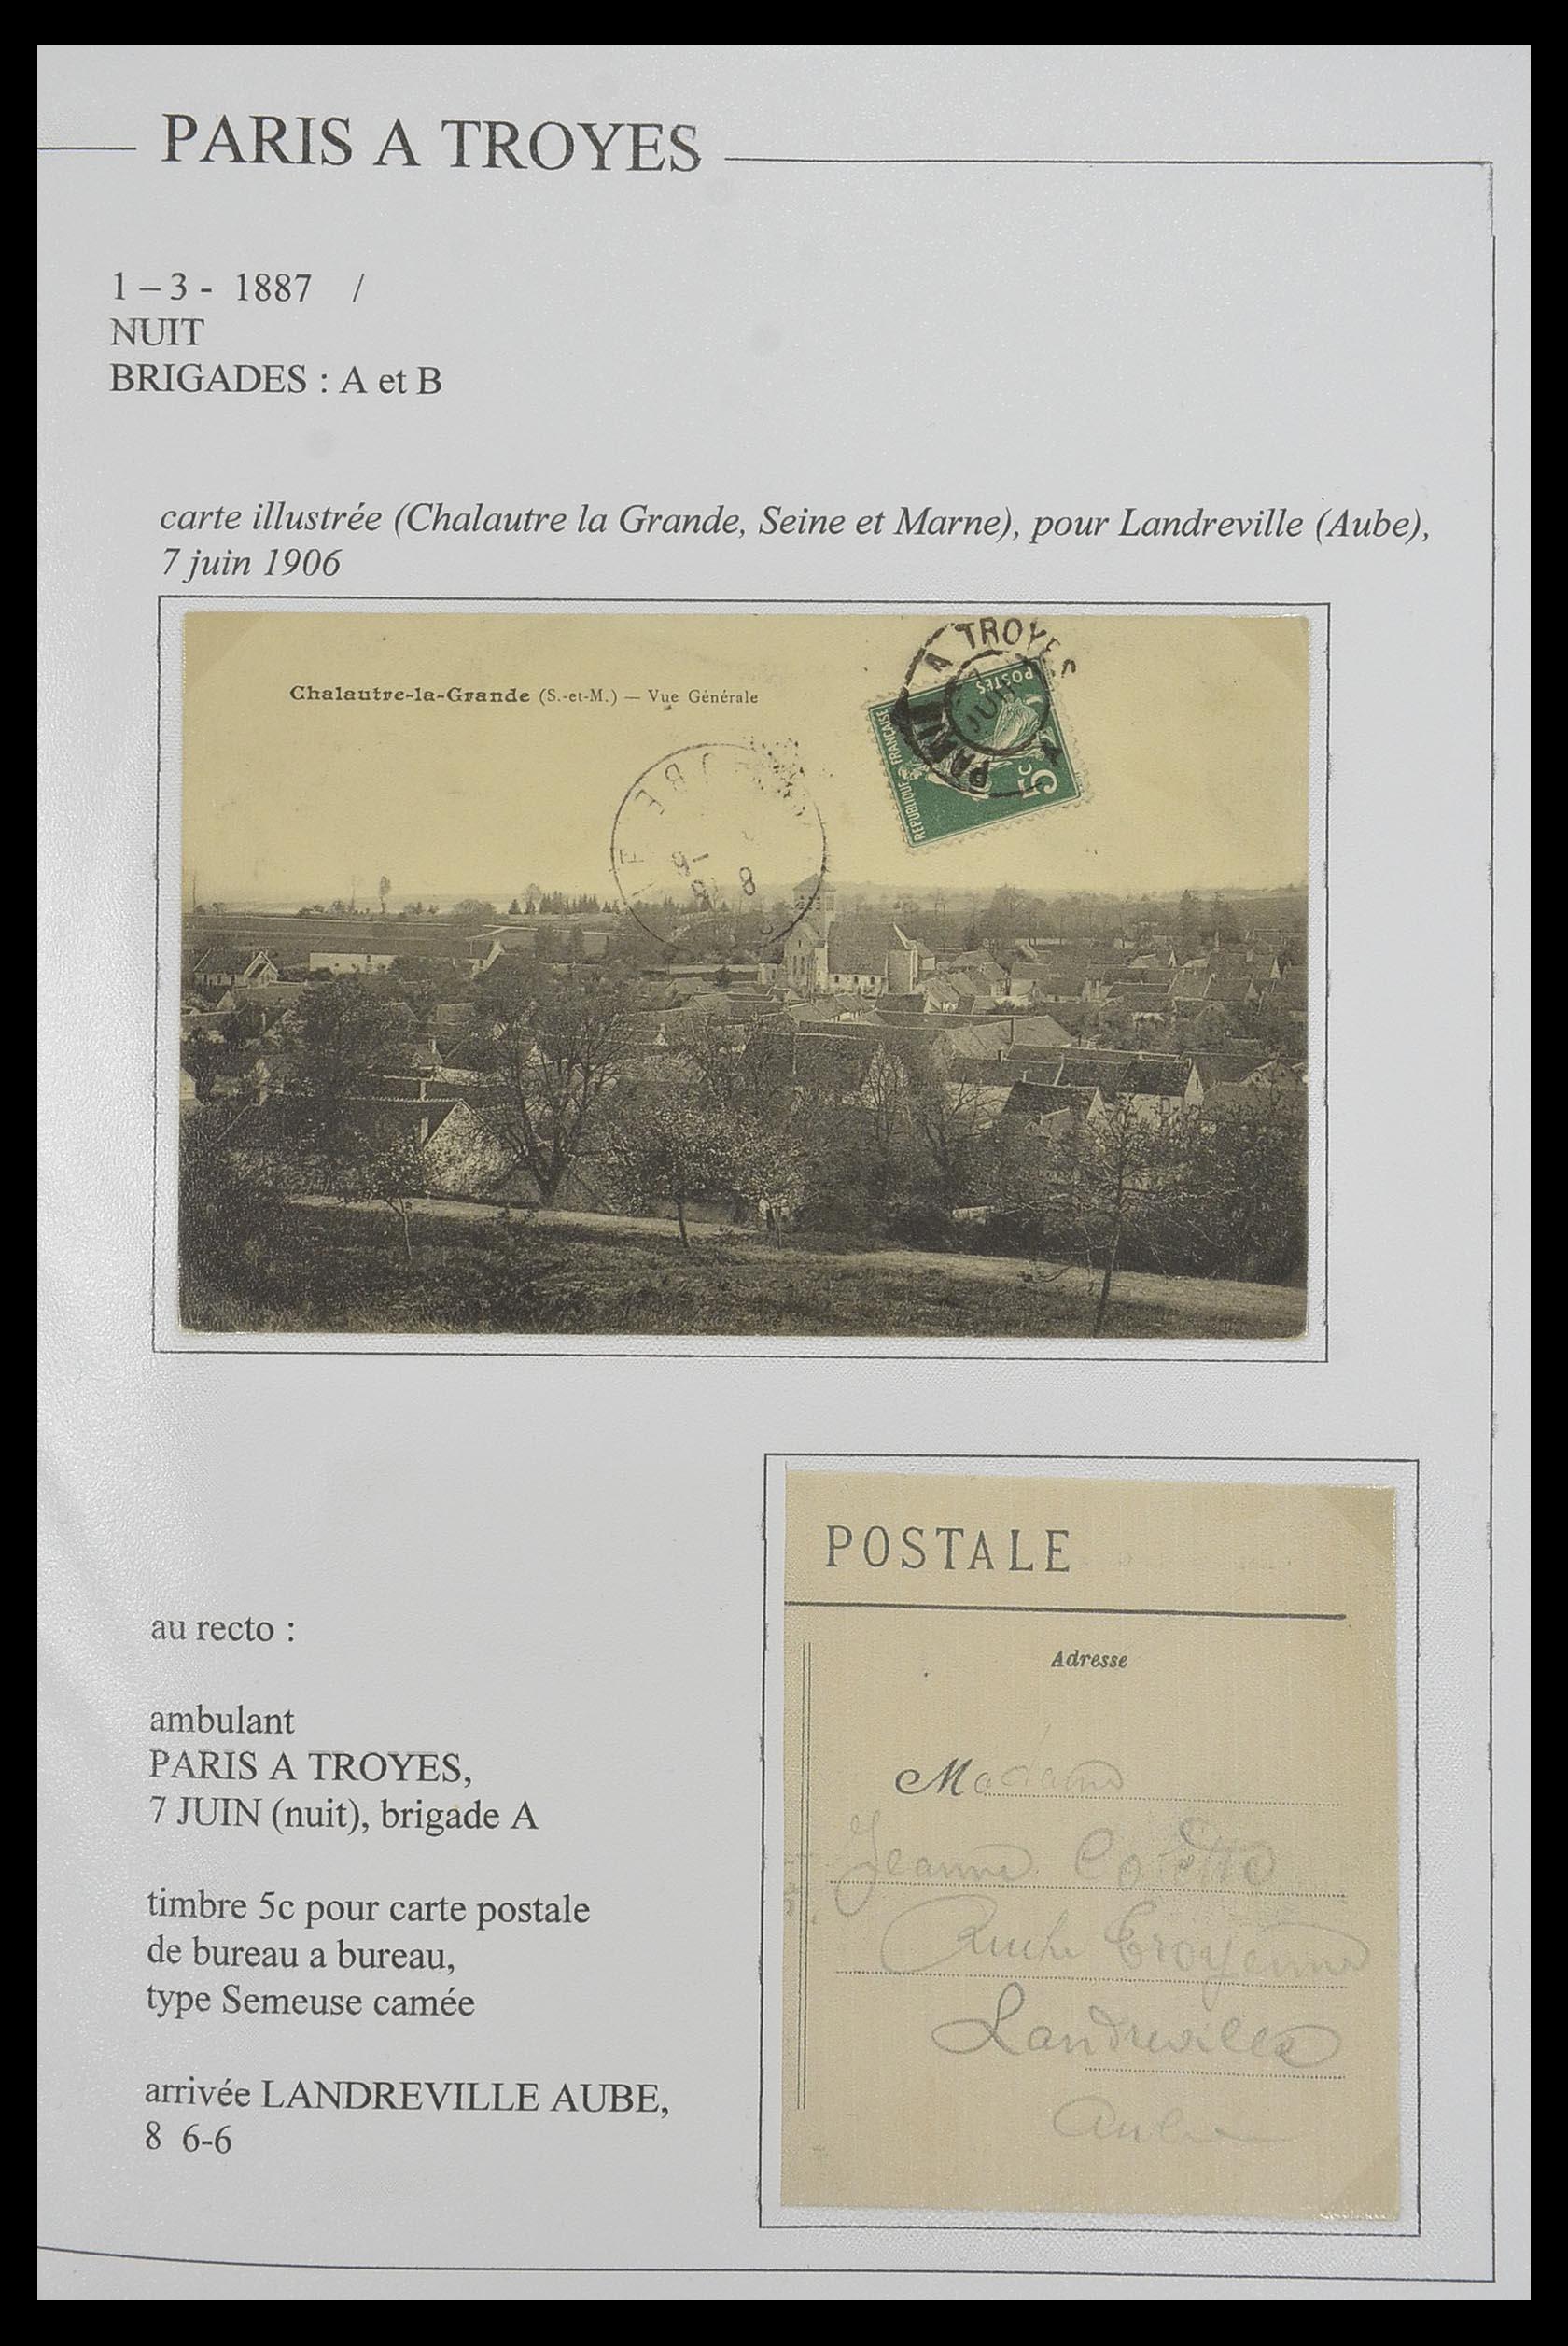 33624 017 - Postzegelverzameling 33624 Frankrijk brieven 1854-1907.